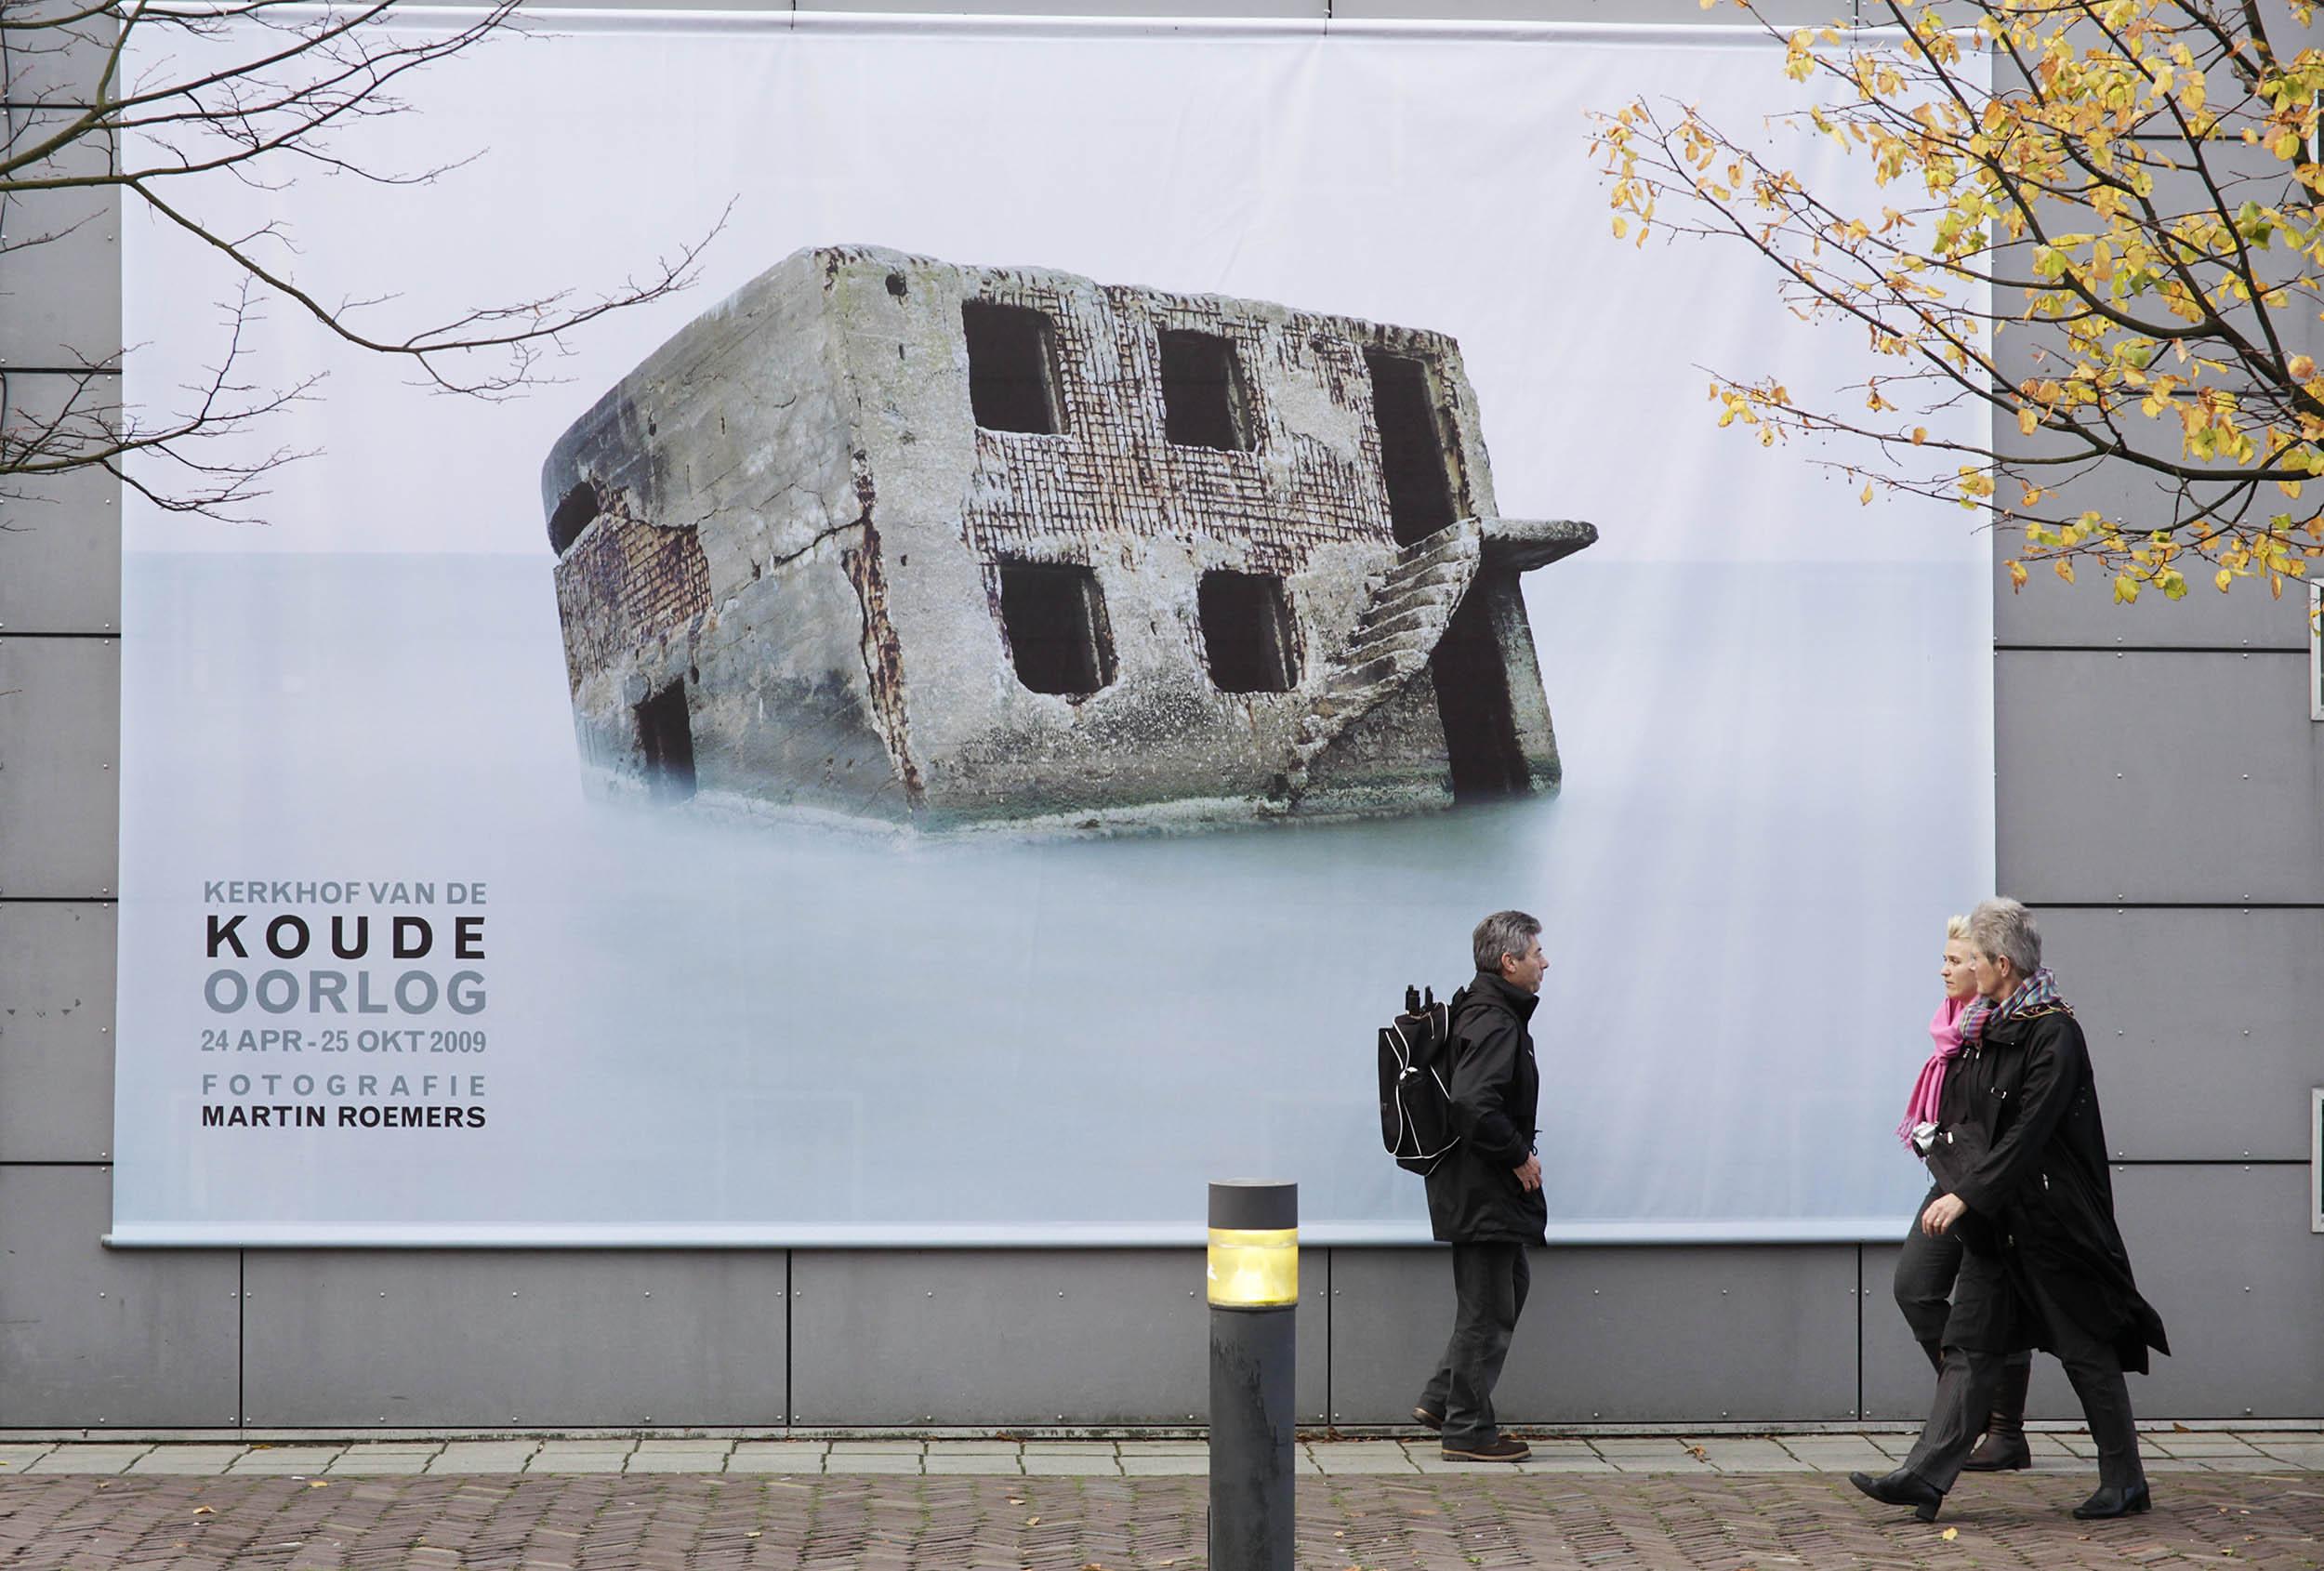 Legermuseum, Delft